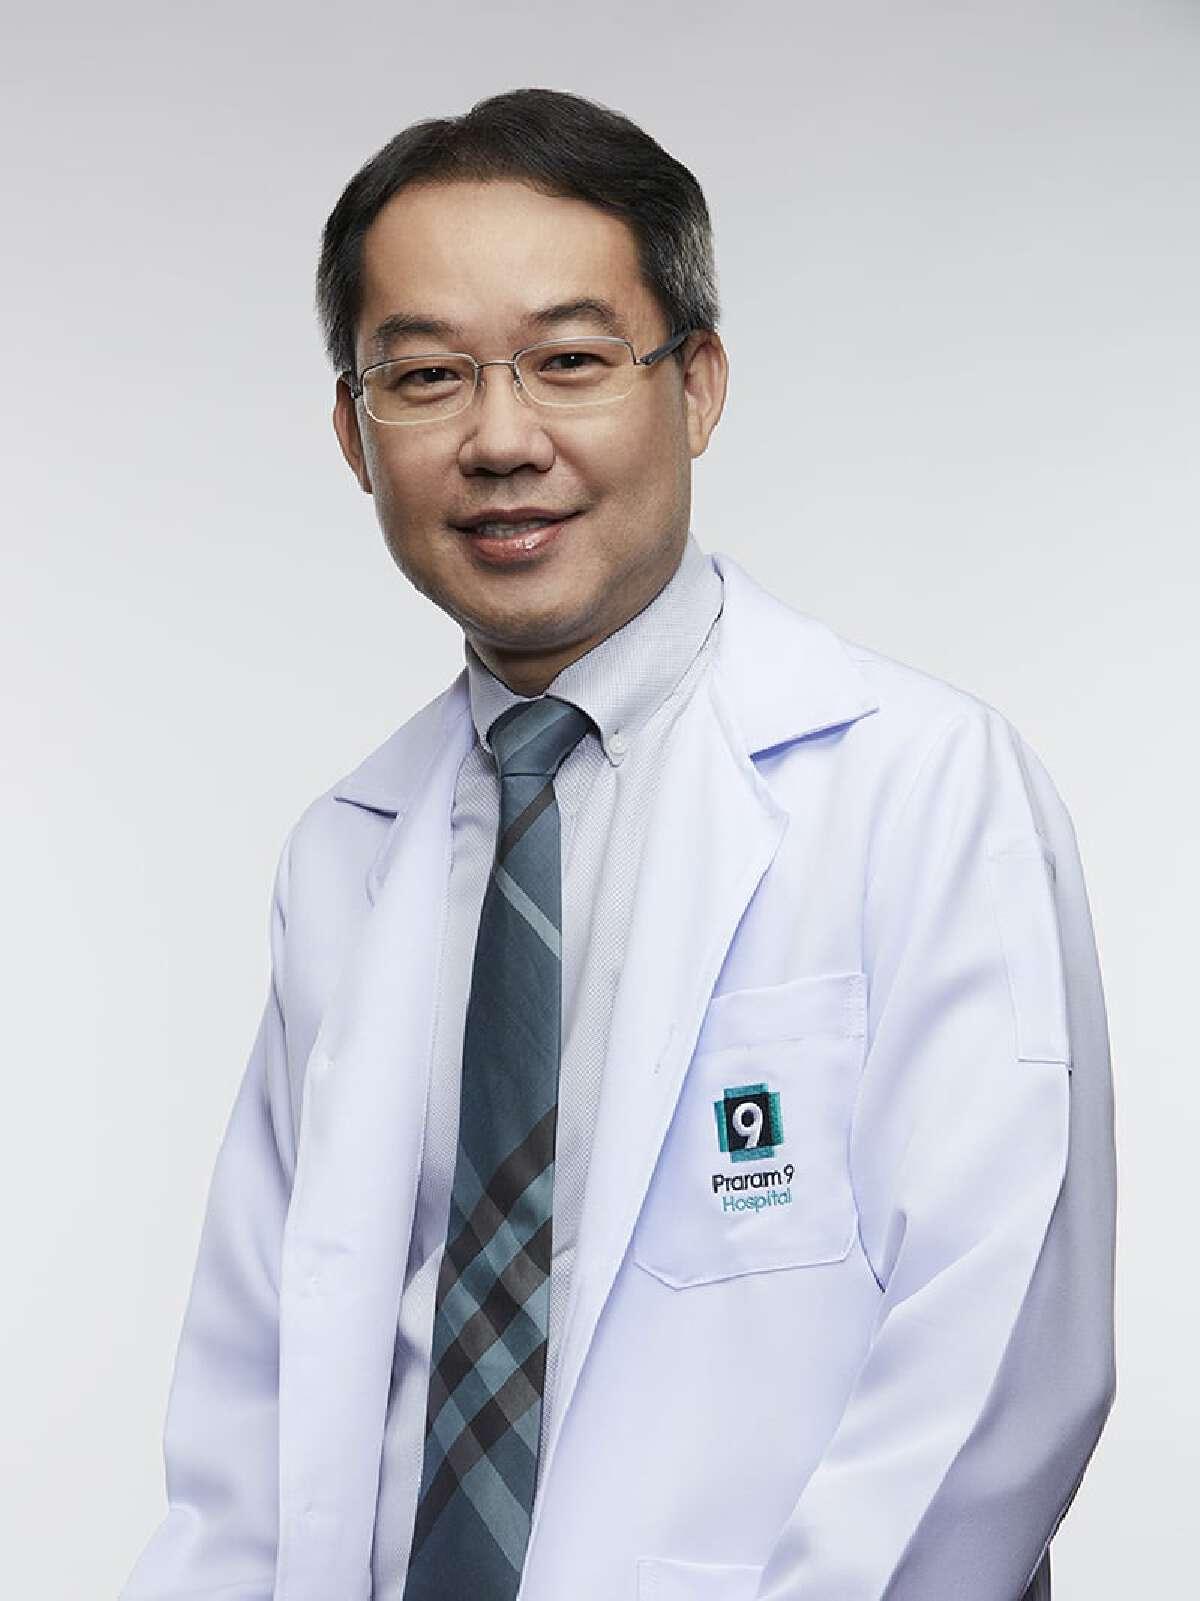 นพ.น๊อต เตชะวัฒนวรรณา ผู้เชี่ยวชาญอายุรศาสตร์โรคไต โรงพยาบาลพระราม 9